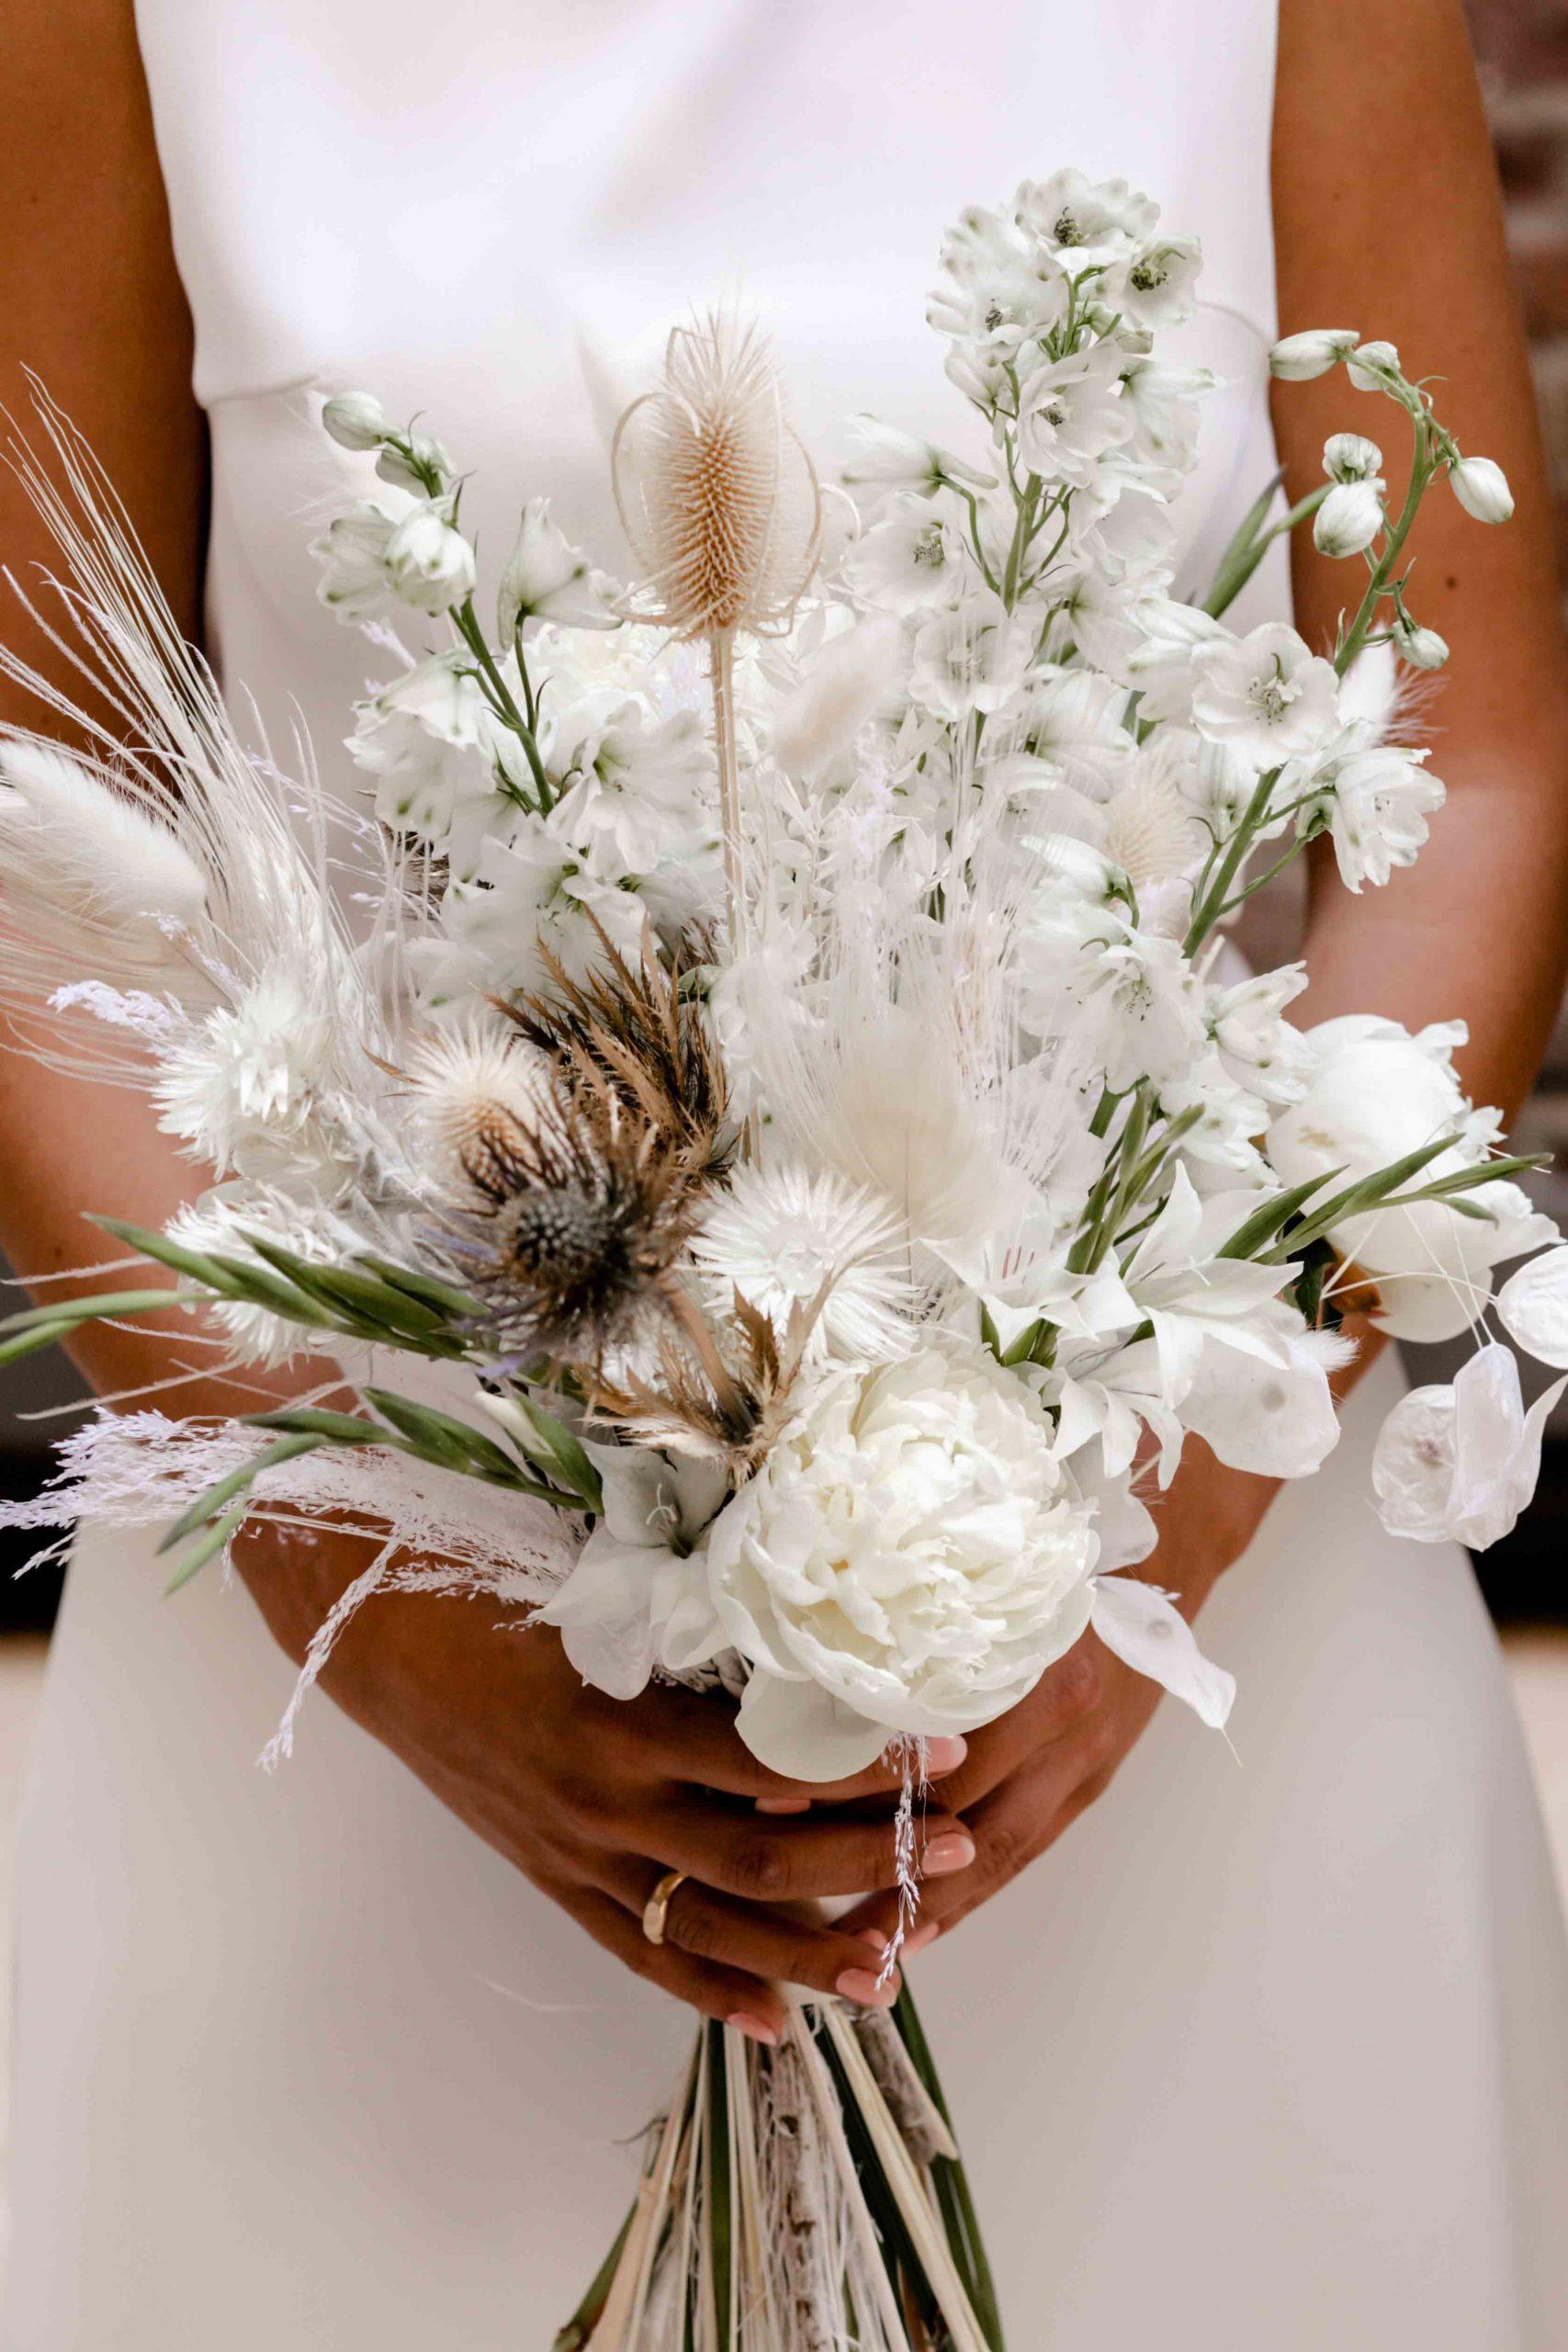 Styled Shoot Brautmode, Model mit Brautkleid, Brautstrauss in Kamera haltend, Nahaufnahme